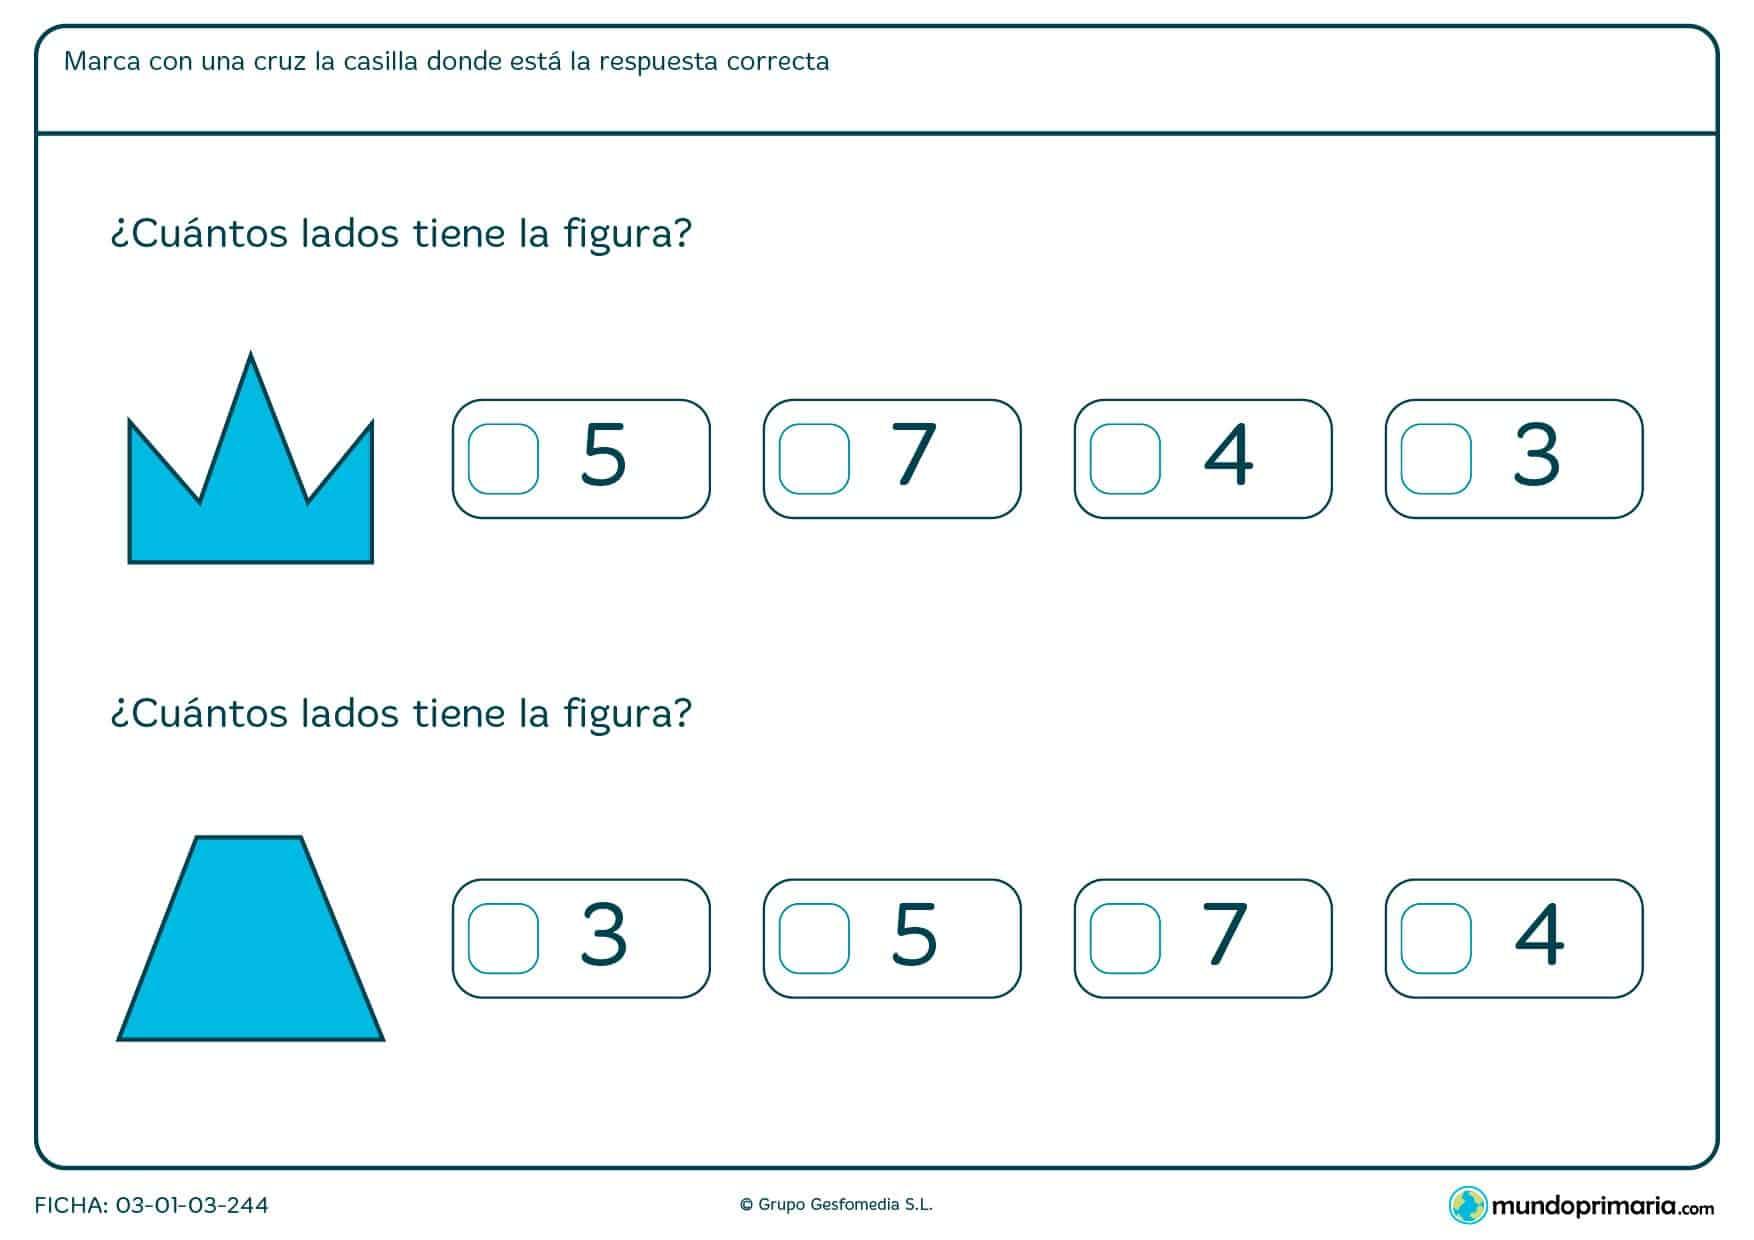 Cuenta los lados de estas figuras ¿Cuántos son? Marca con una cruz la respuesta correcta.